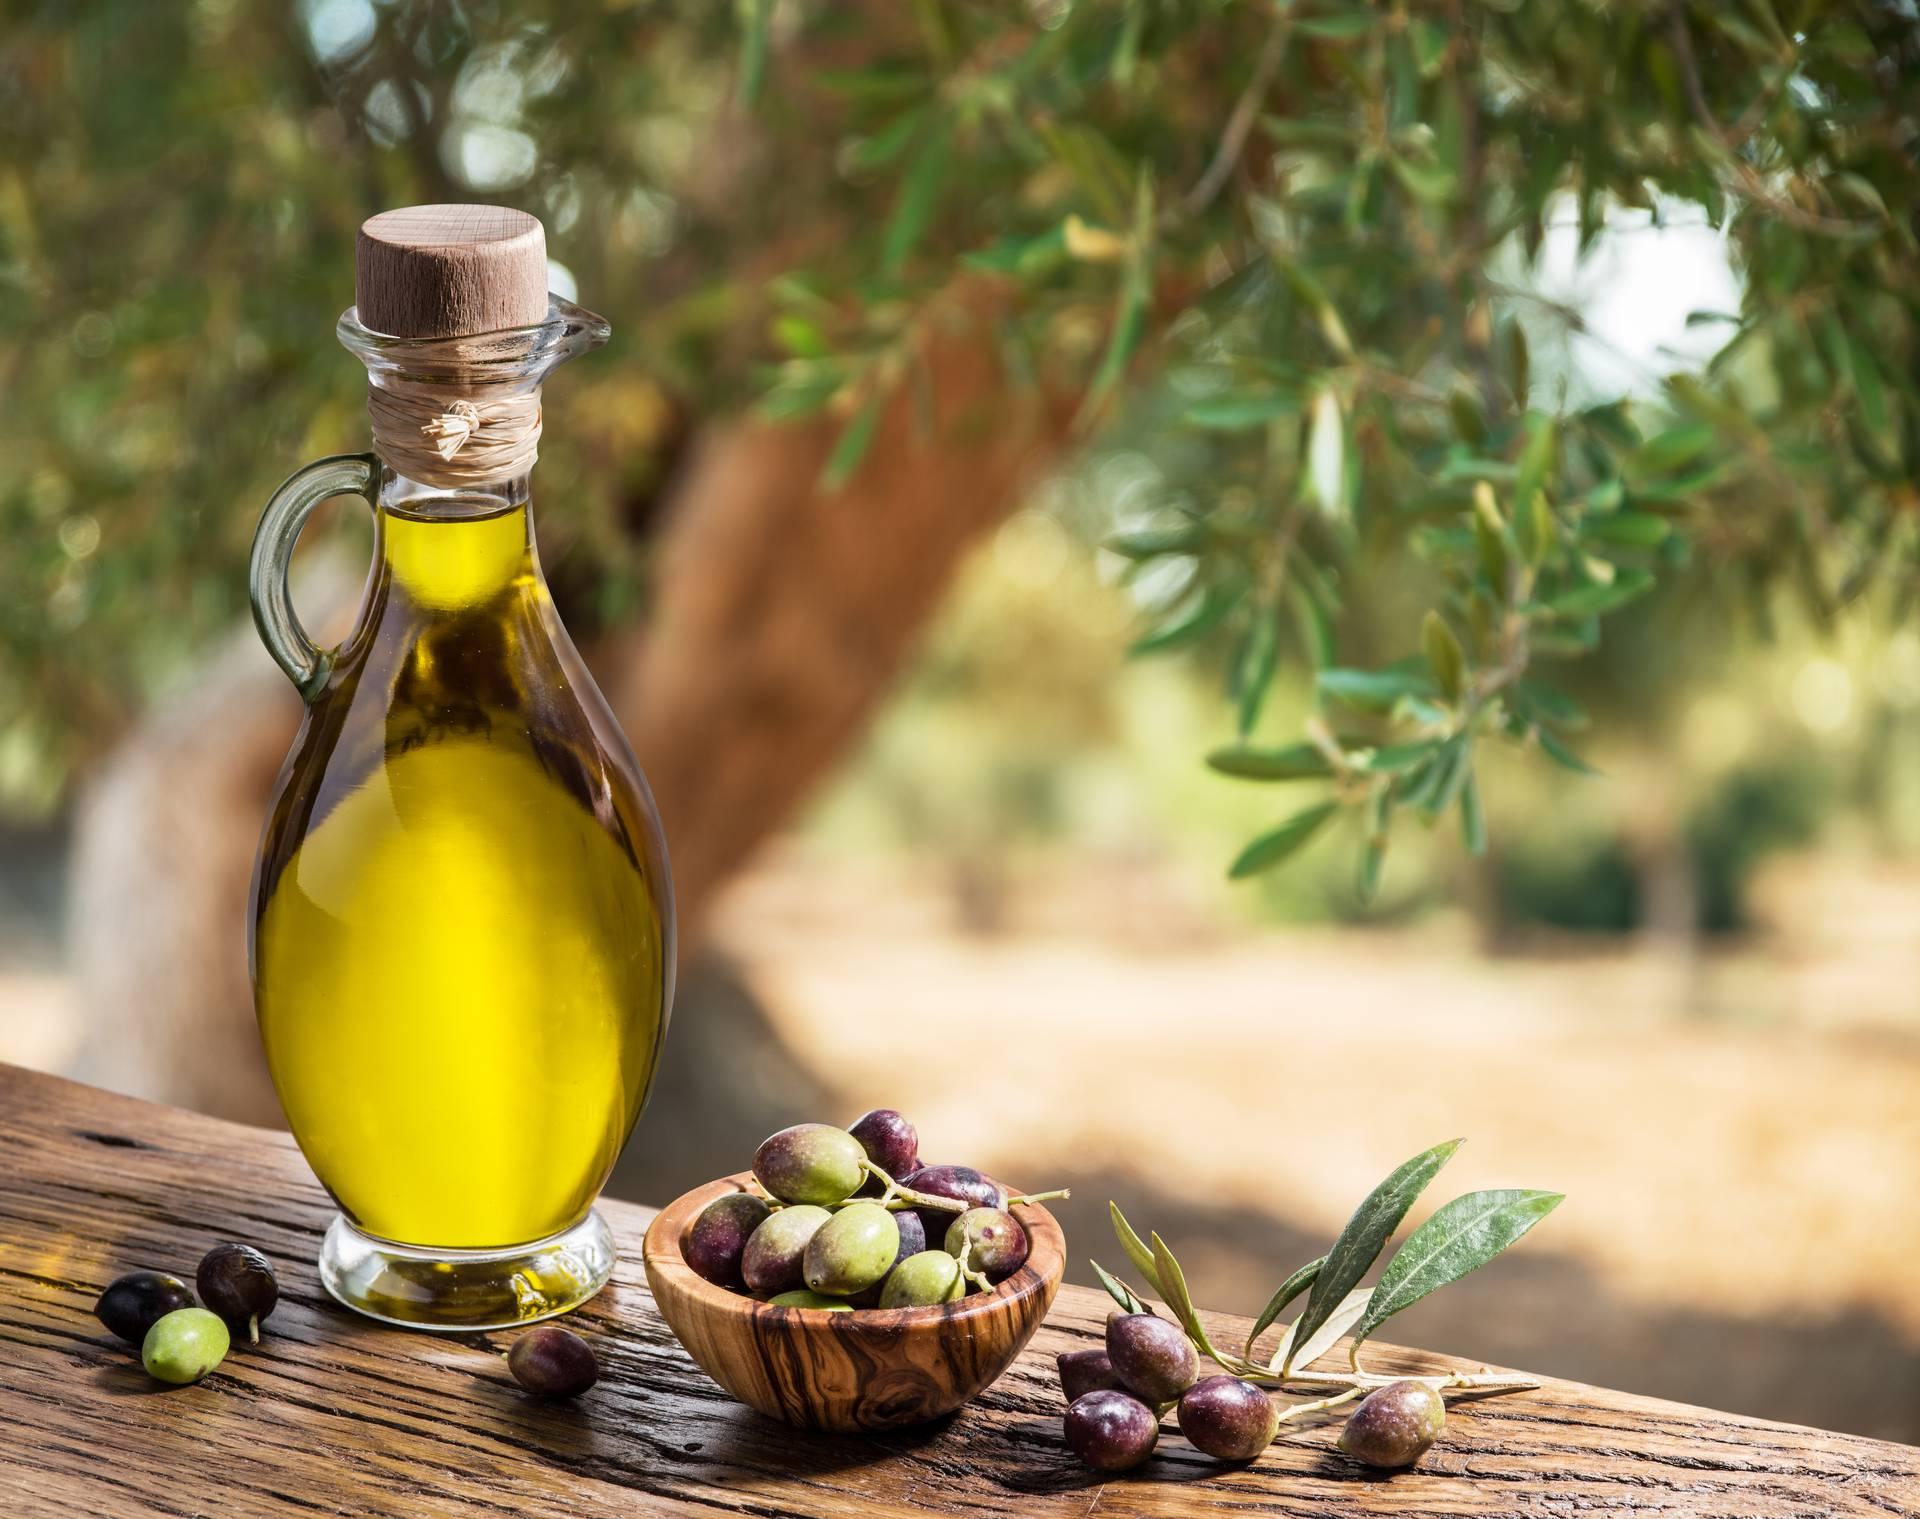 Cijene maslinova ulja uskoro bi mogle naglo odletjeti u nebesa